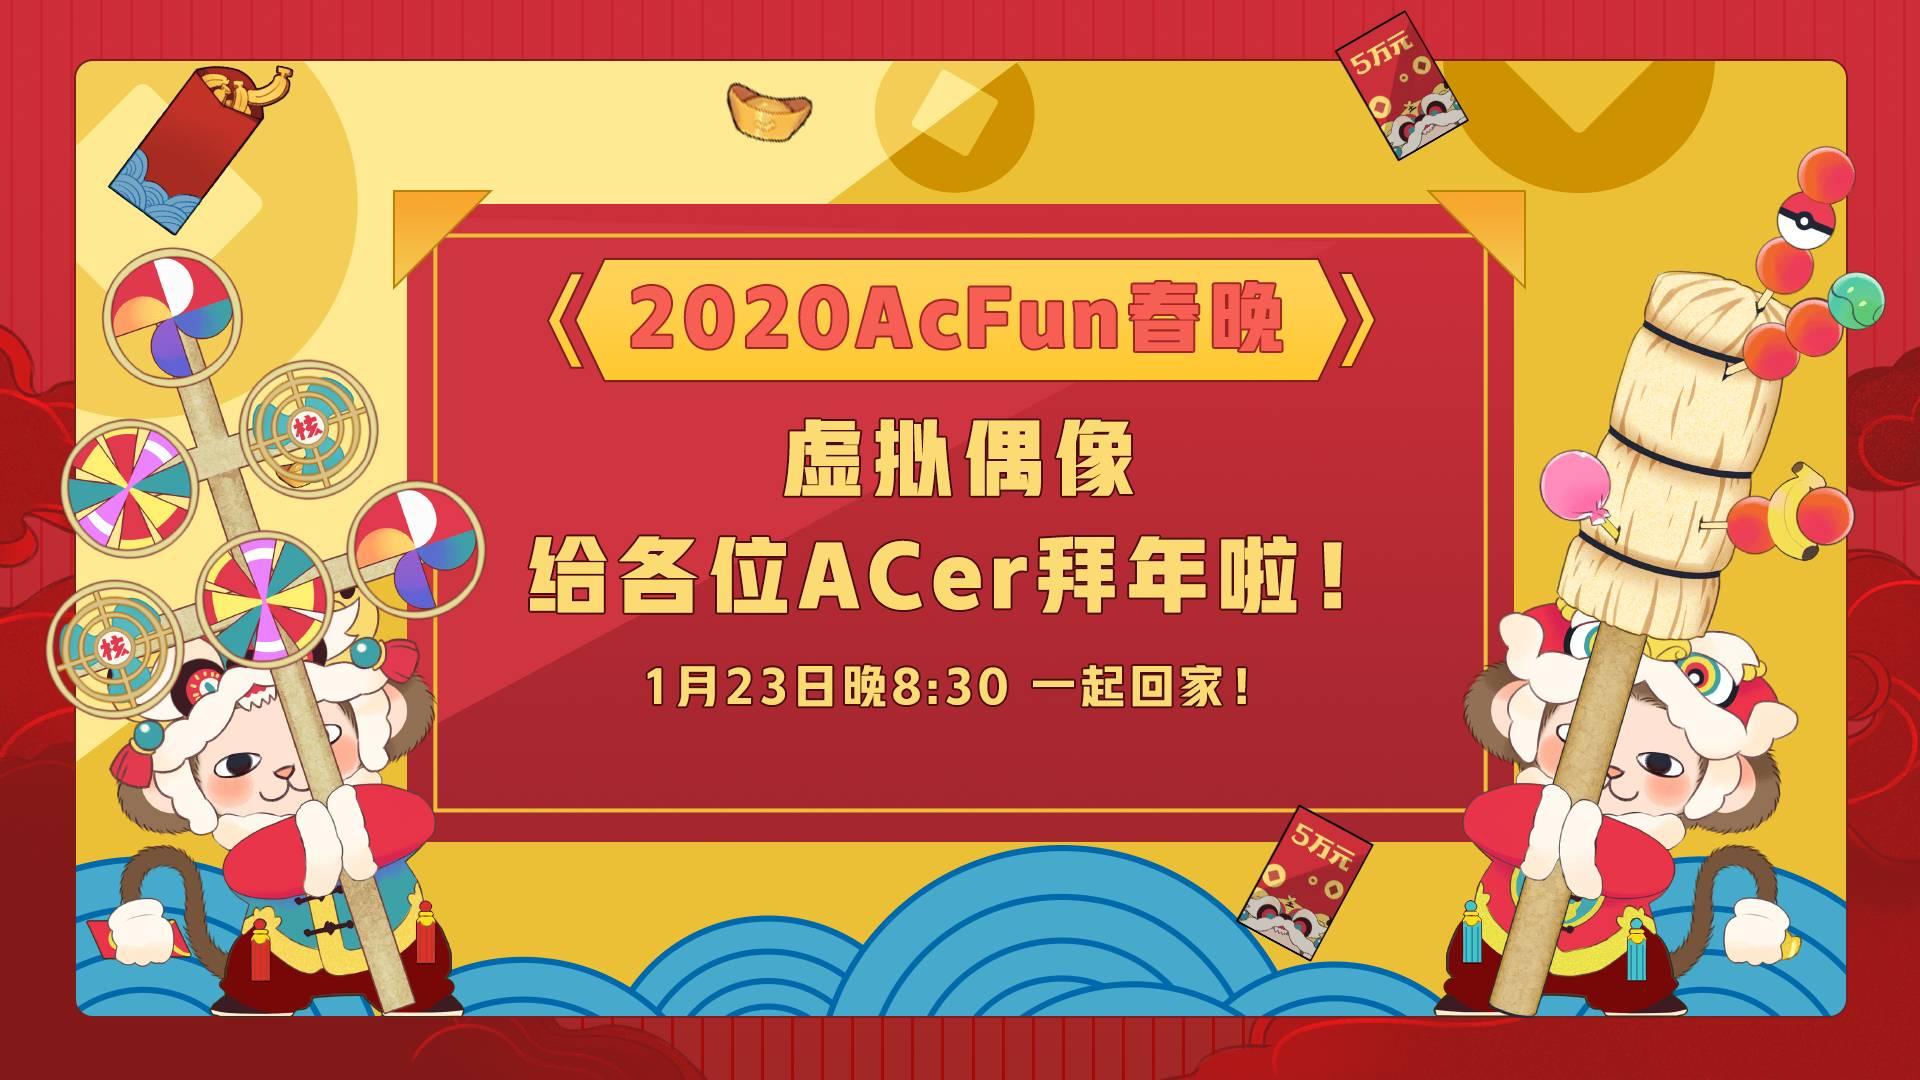 【2020A站春晚】真•大佬总是最后出场!AVI区众虚拟偶像给大家拜年啦!